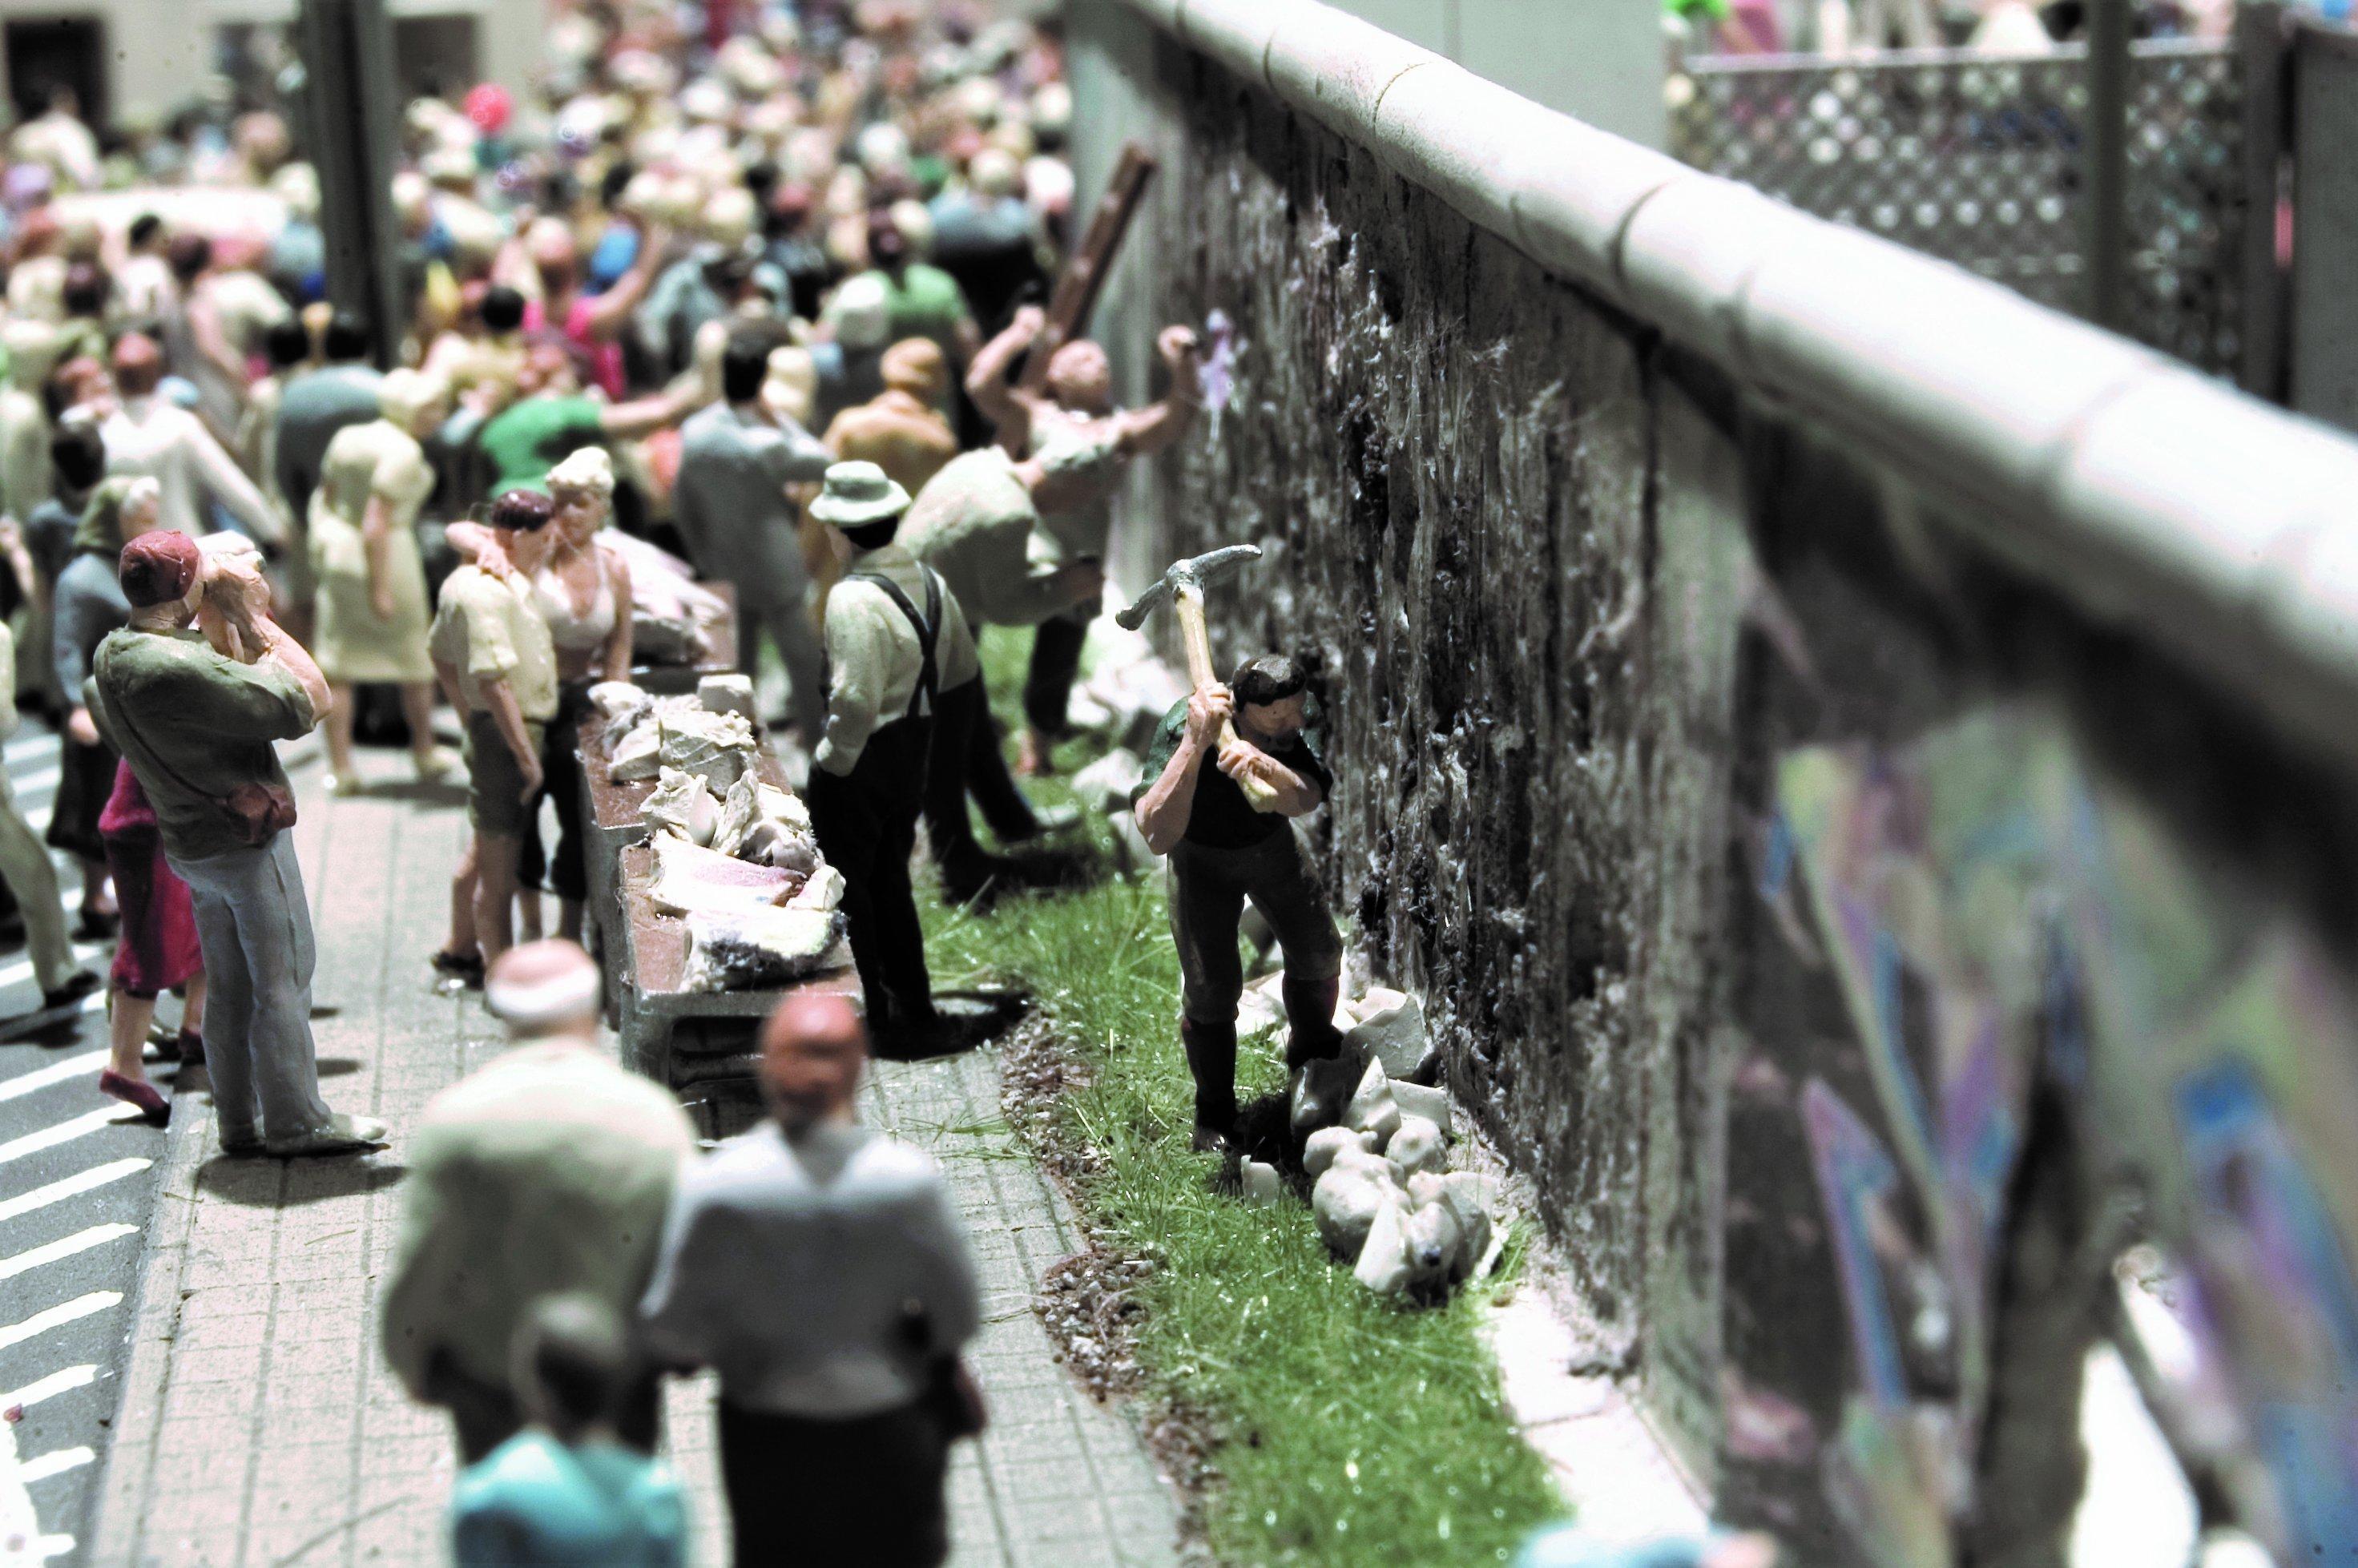 Ein Mann holt mit einer großen Spitzhacke gewaltig aus, um der Berliner Mauer ein weiteres Loch zuzufügen.